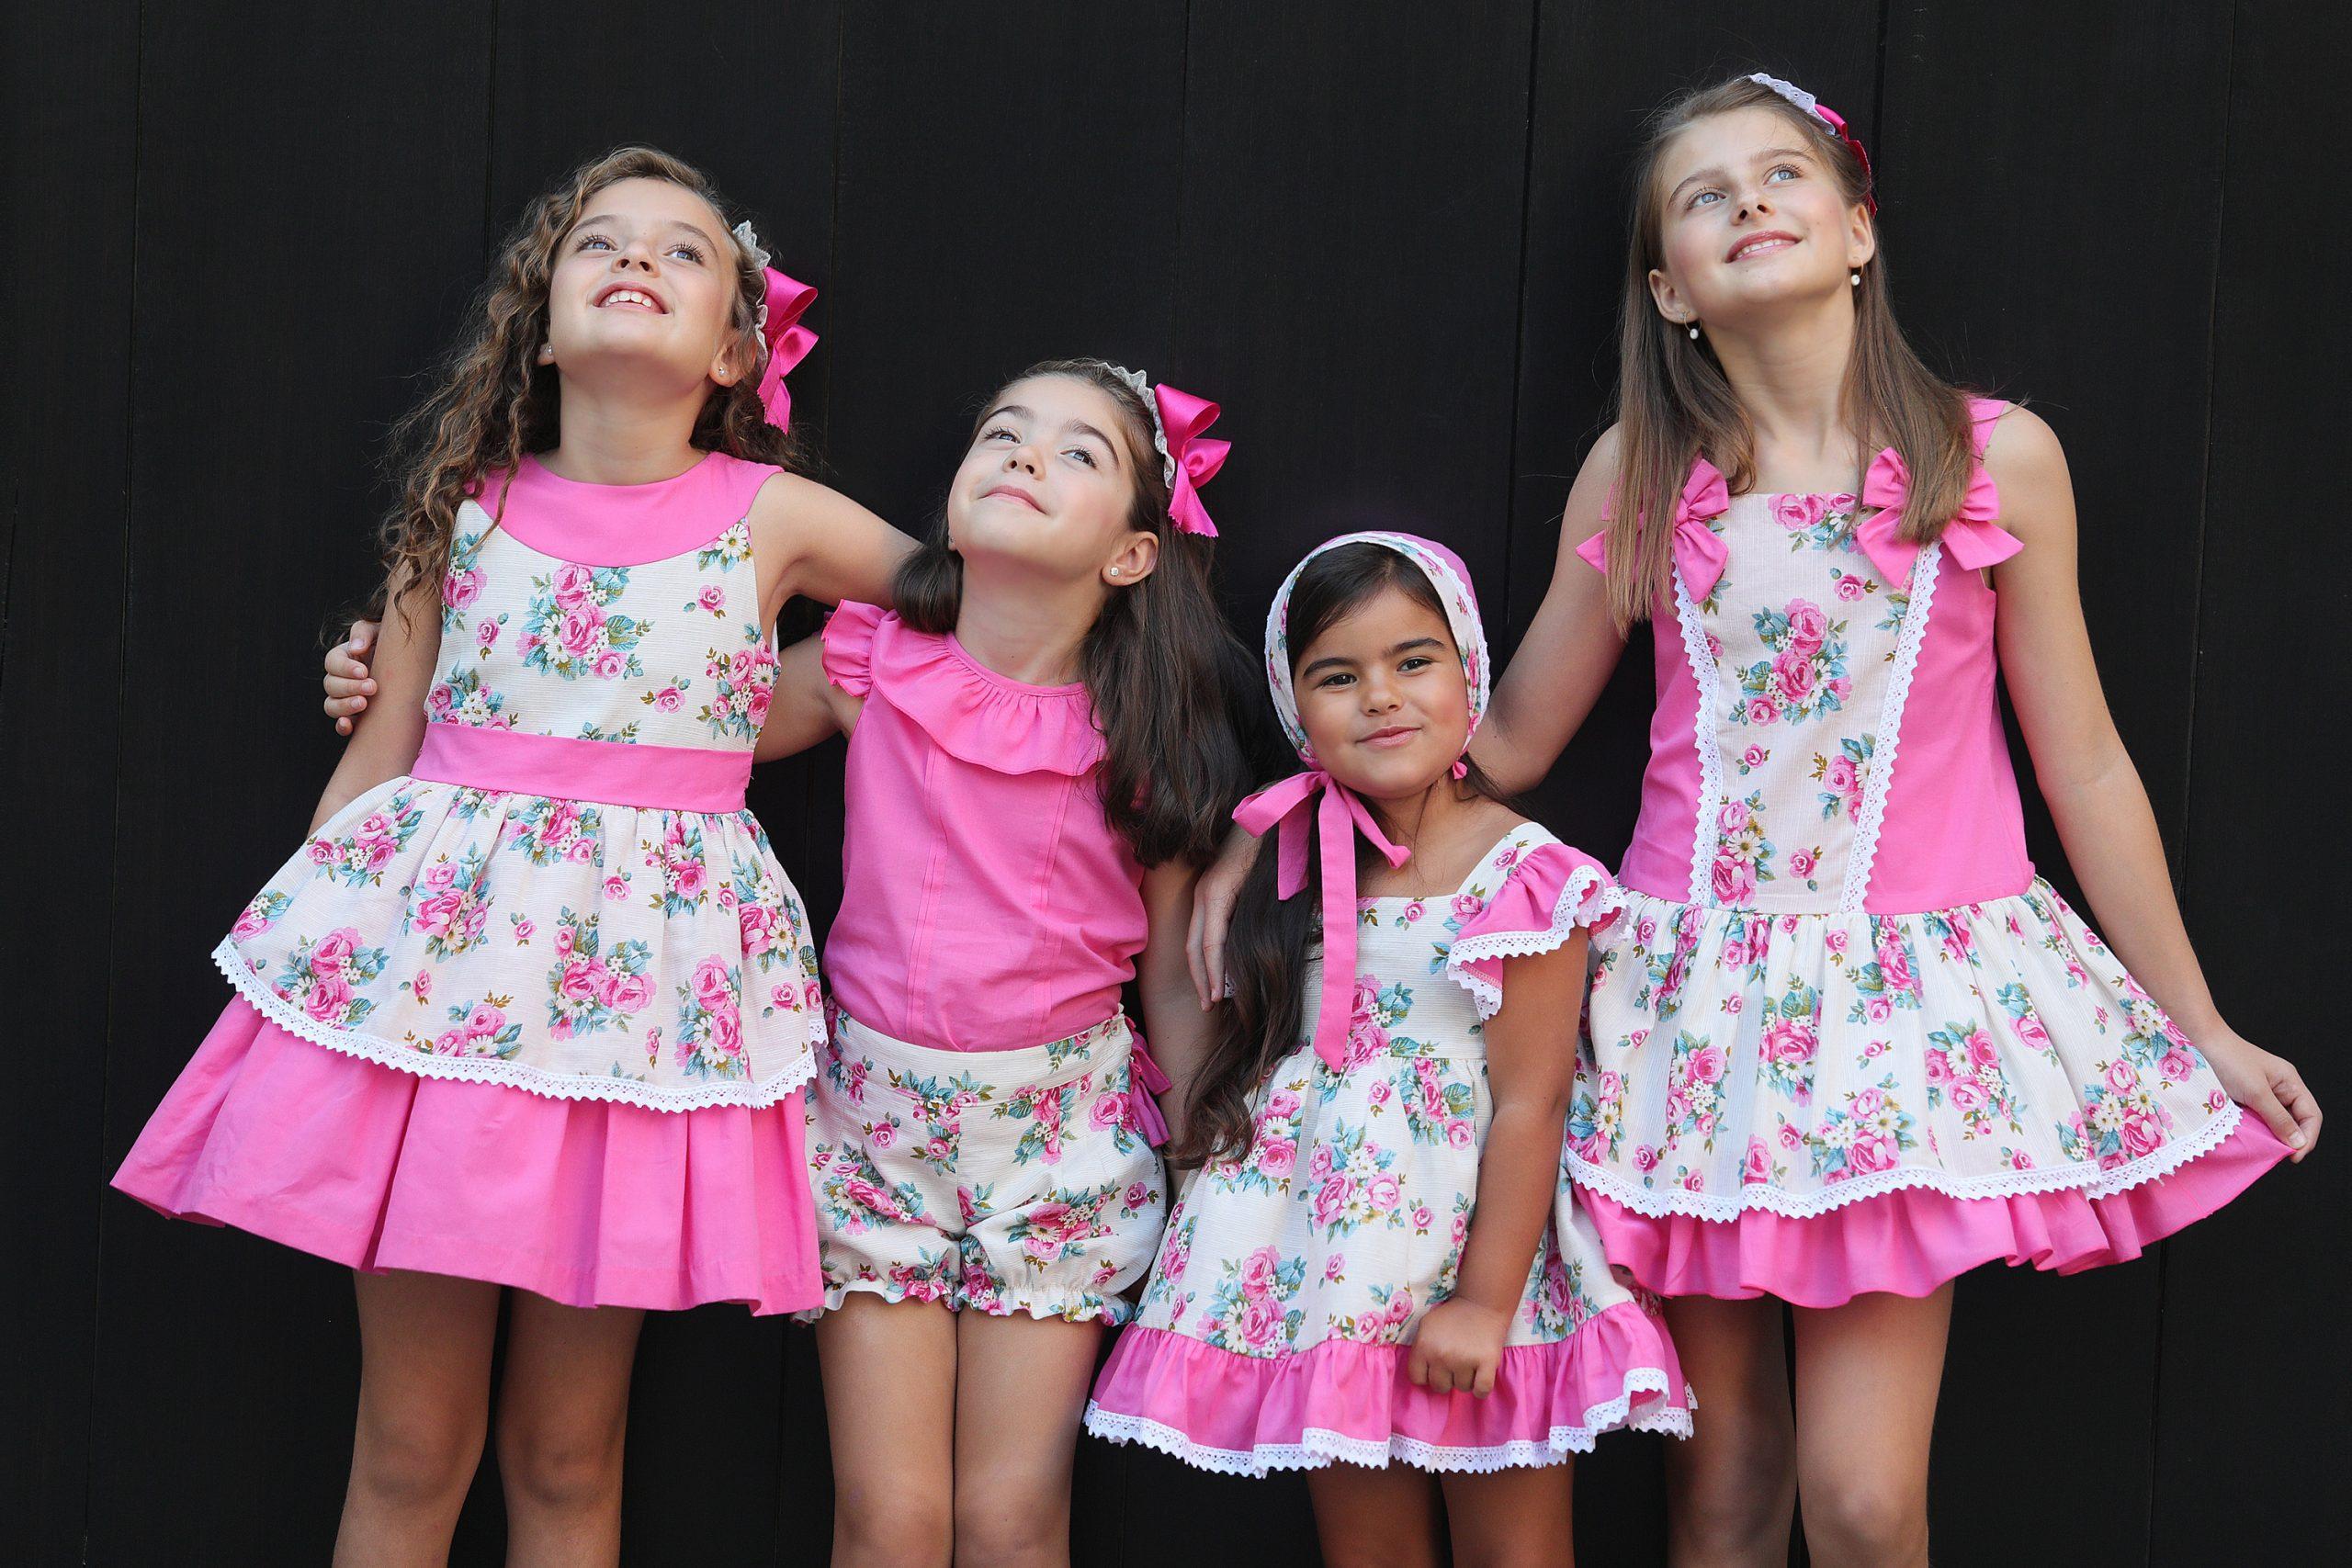 fotografia infantil malaga 2